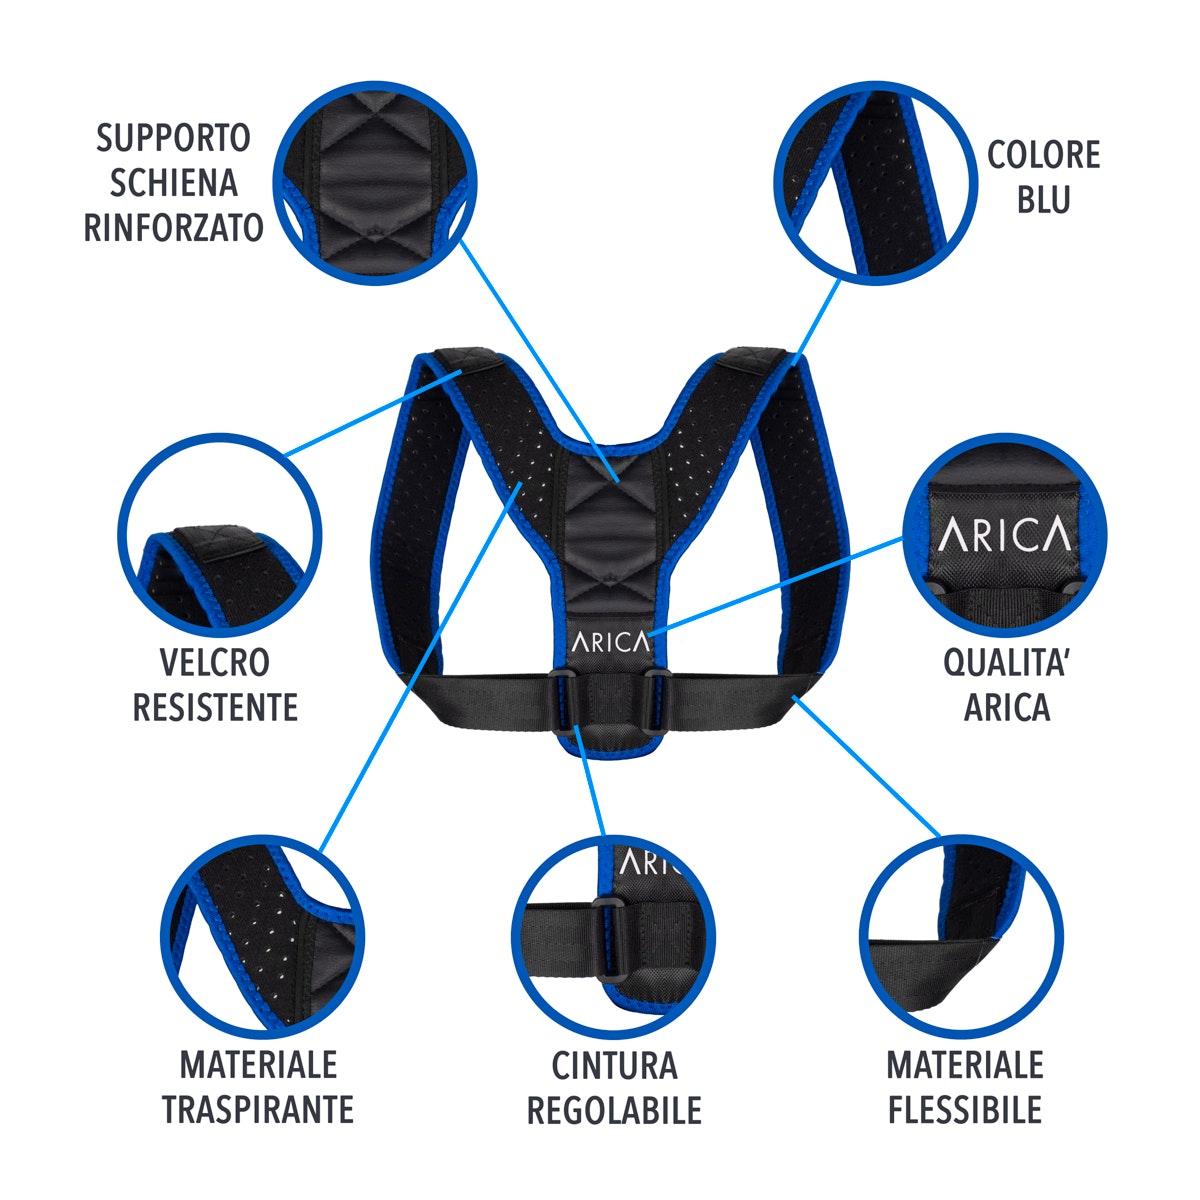 fotografo amazon infografica infographic valerio loi inserzione listing cagliari sardegna